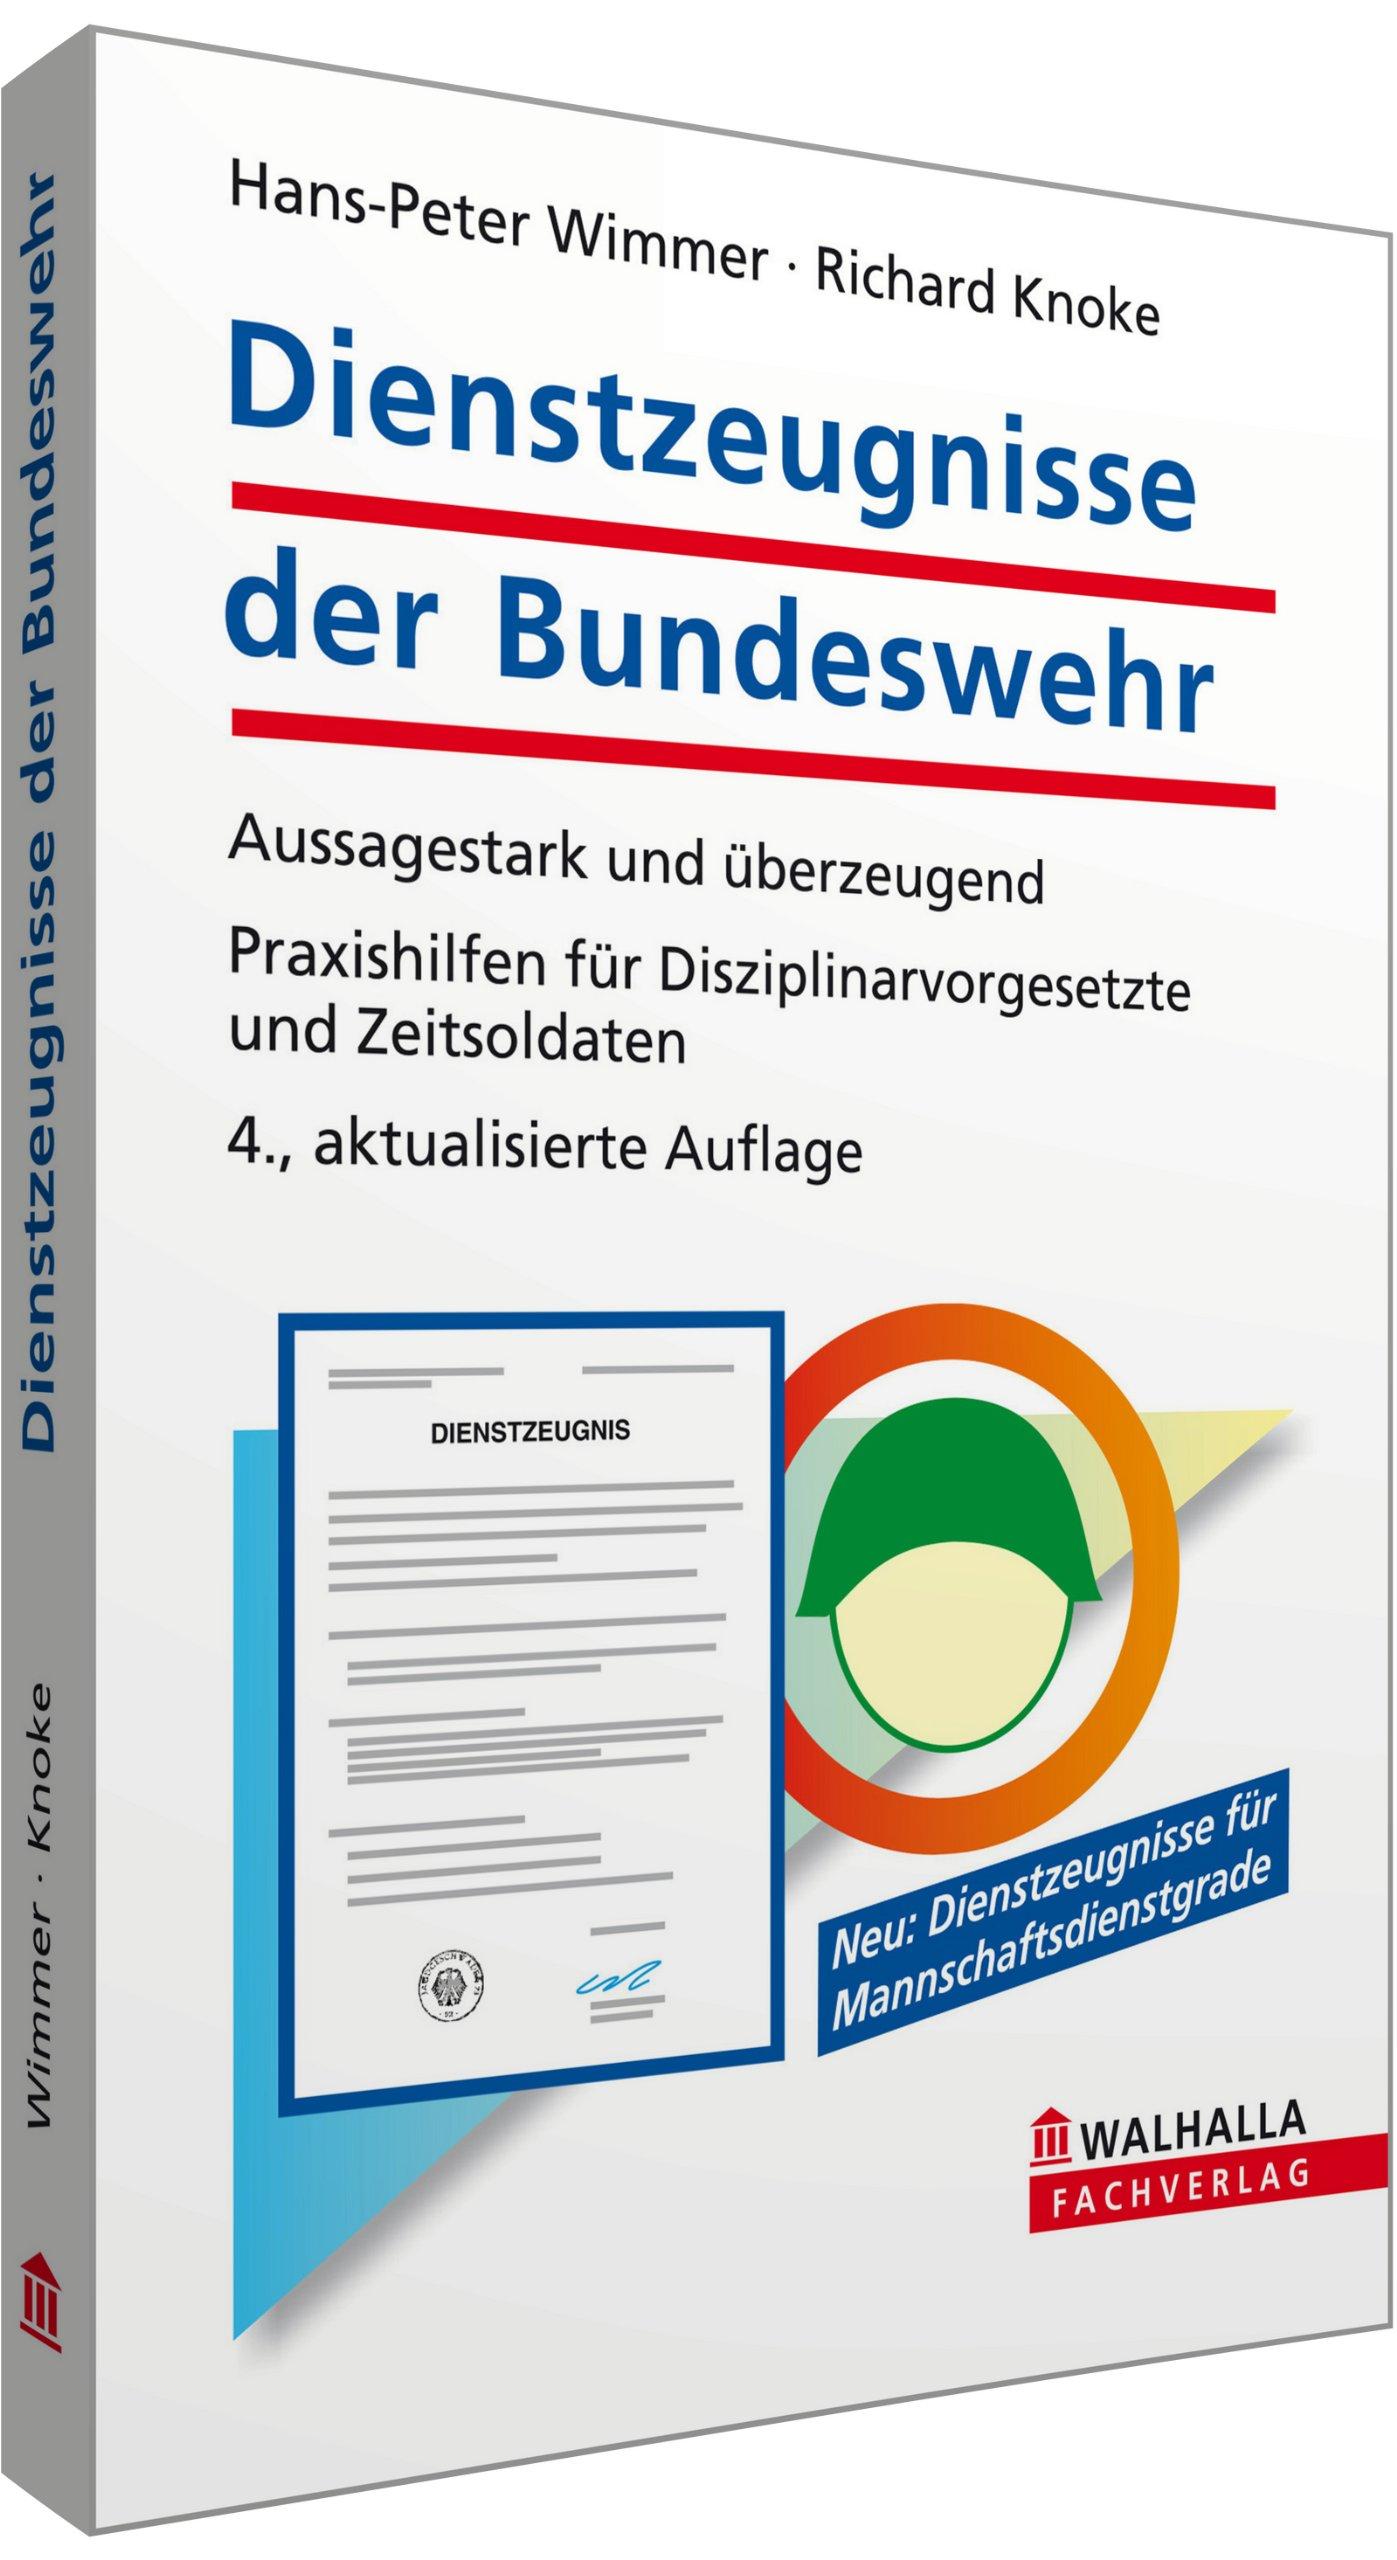 Dienstzeugnisse der Bundeswehr: Aussagestark und überzeugend; Praxishilfen für Disziplinarvorgesetzte und Zeitsoldaten